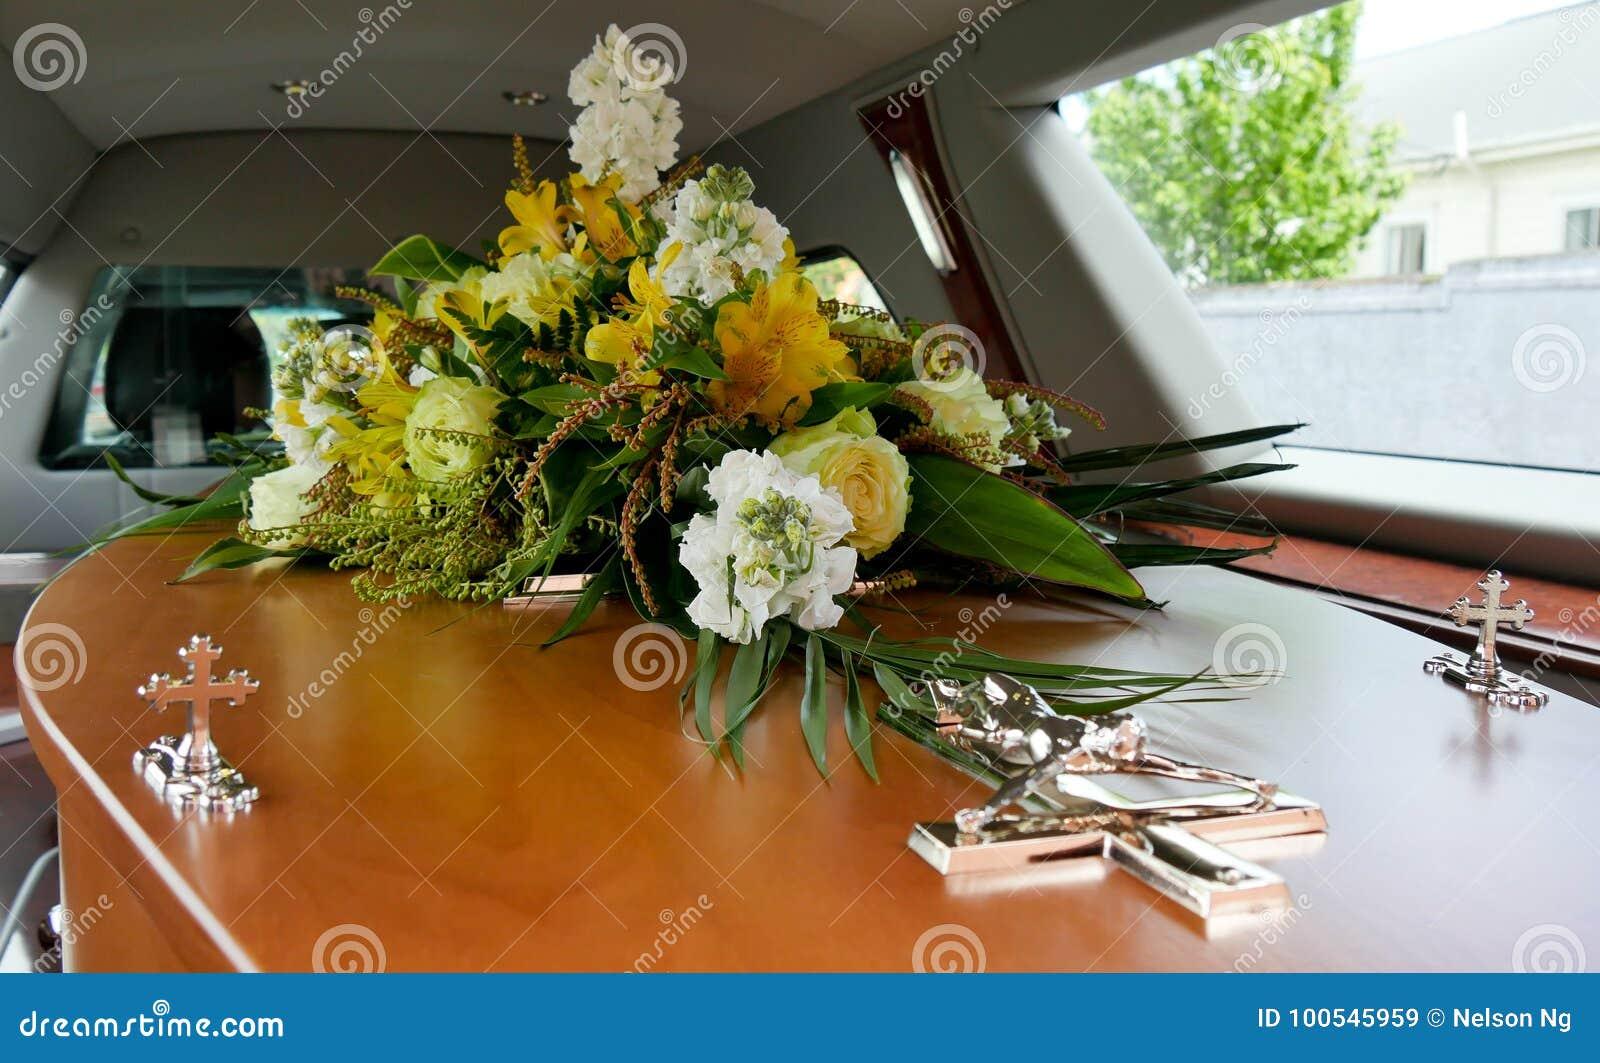 Sparato di un cofanetto variopinto in una saettia o della cappella prima del funerale o della sepoltura al cimitero